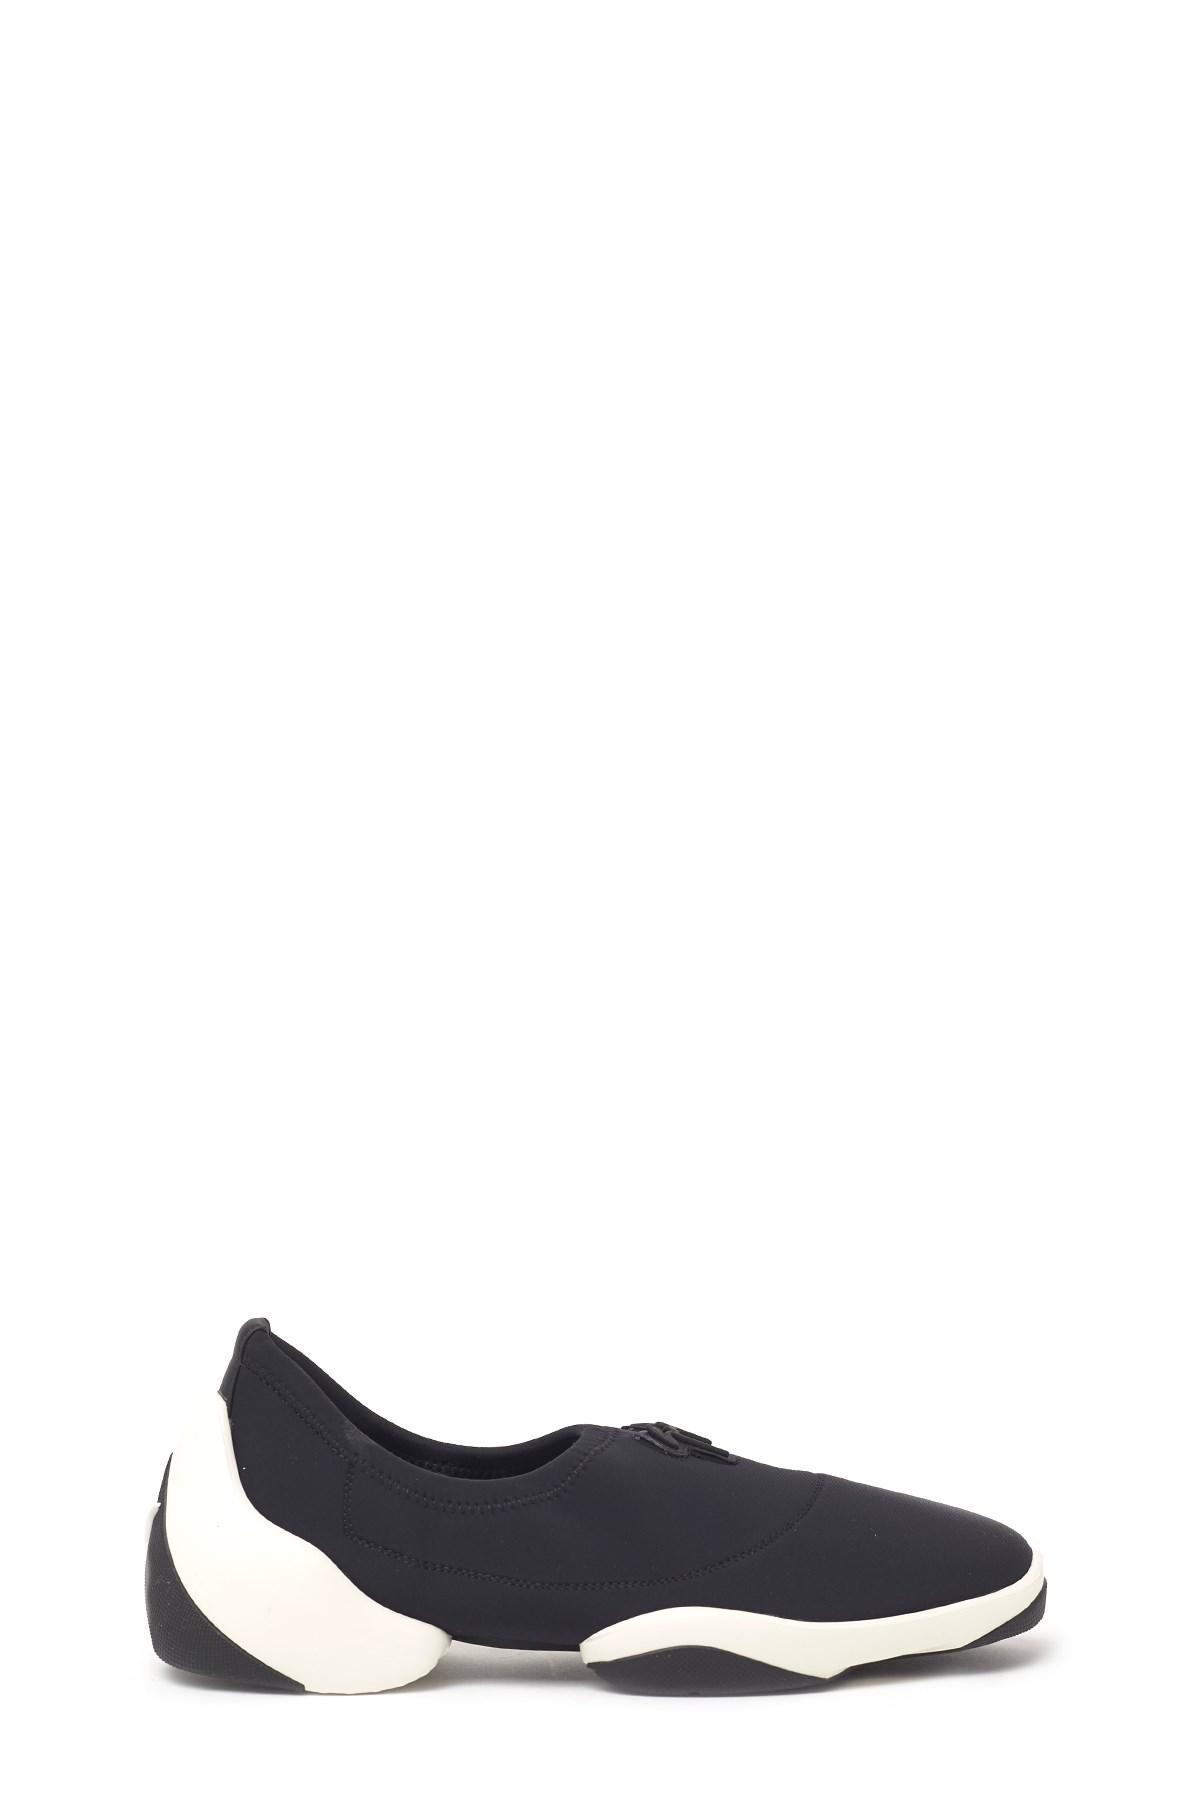 Lyst - Giuseppe Zanotti  carlito  Sneakers in Black 87e4ace244b